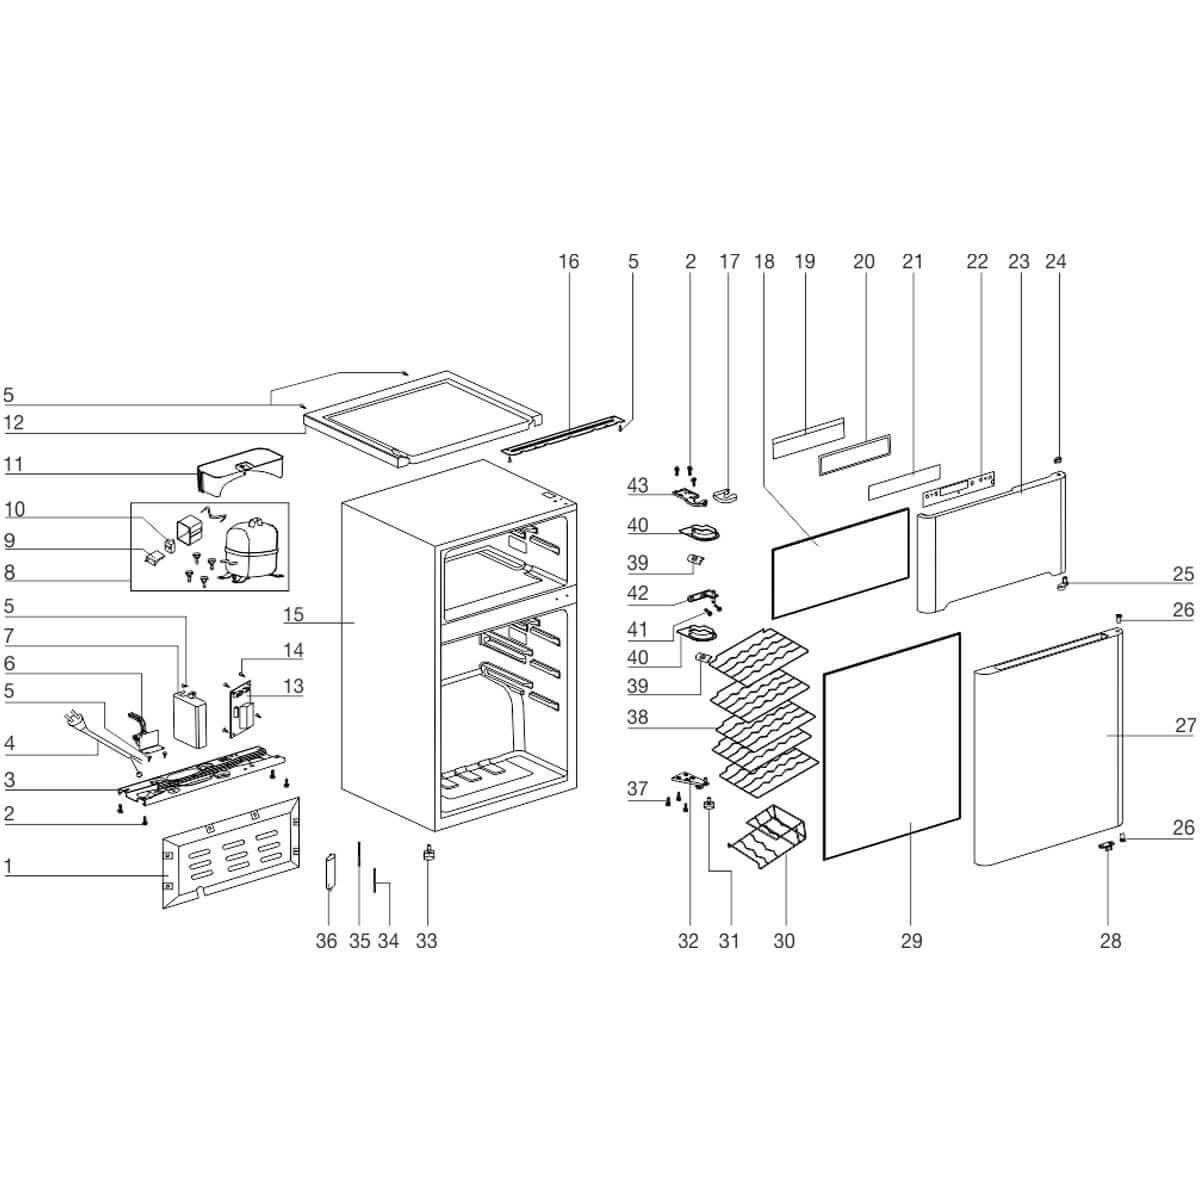 Gaxeta Porta Inferior Da Adega Electrolux ACD29 - 501108860002